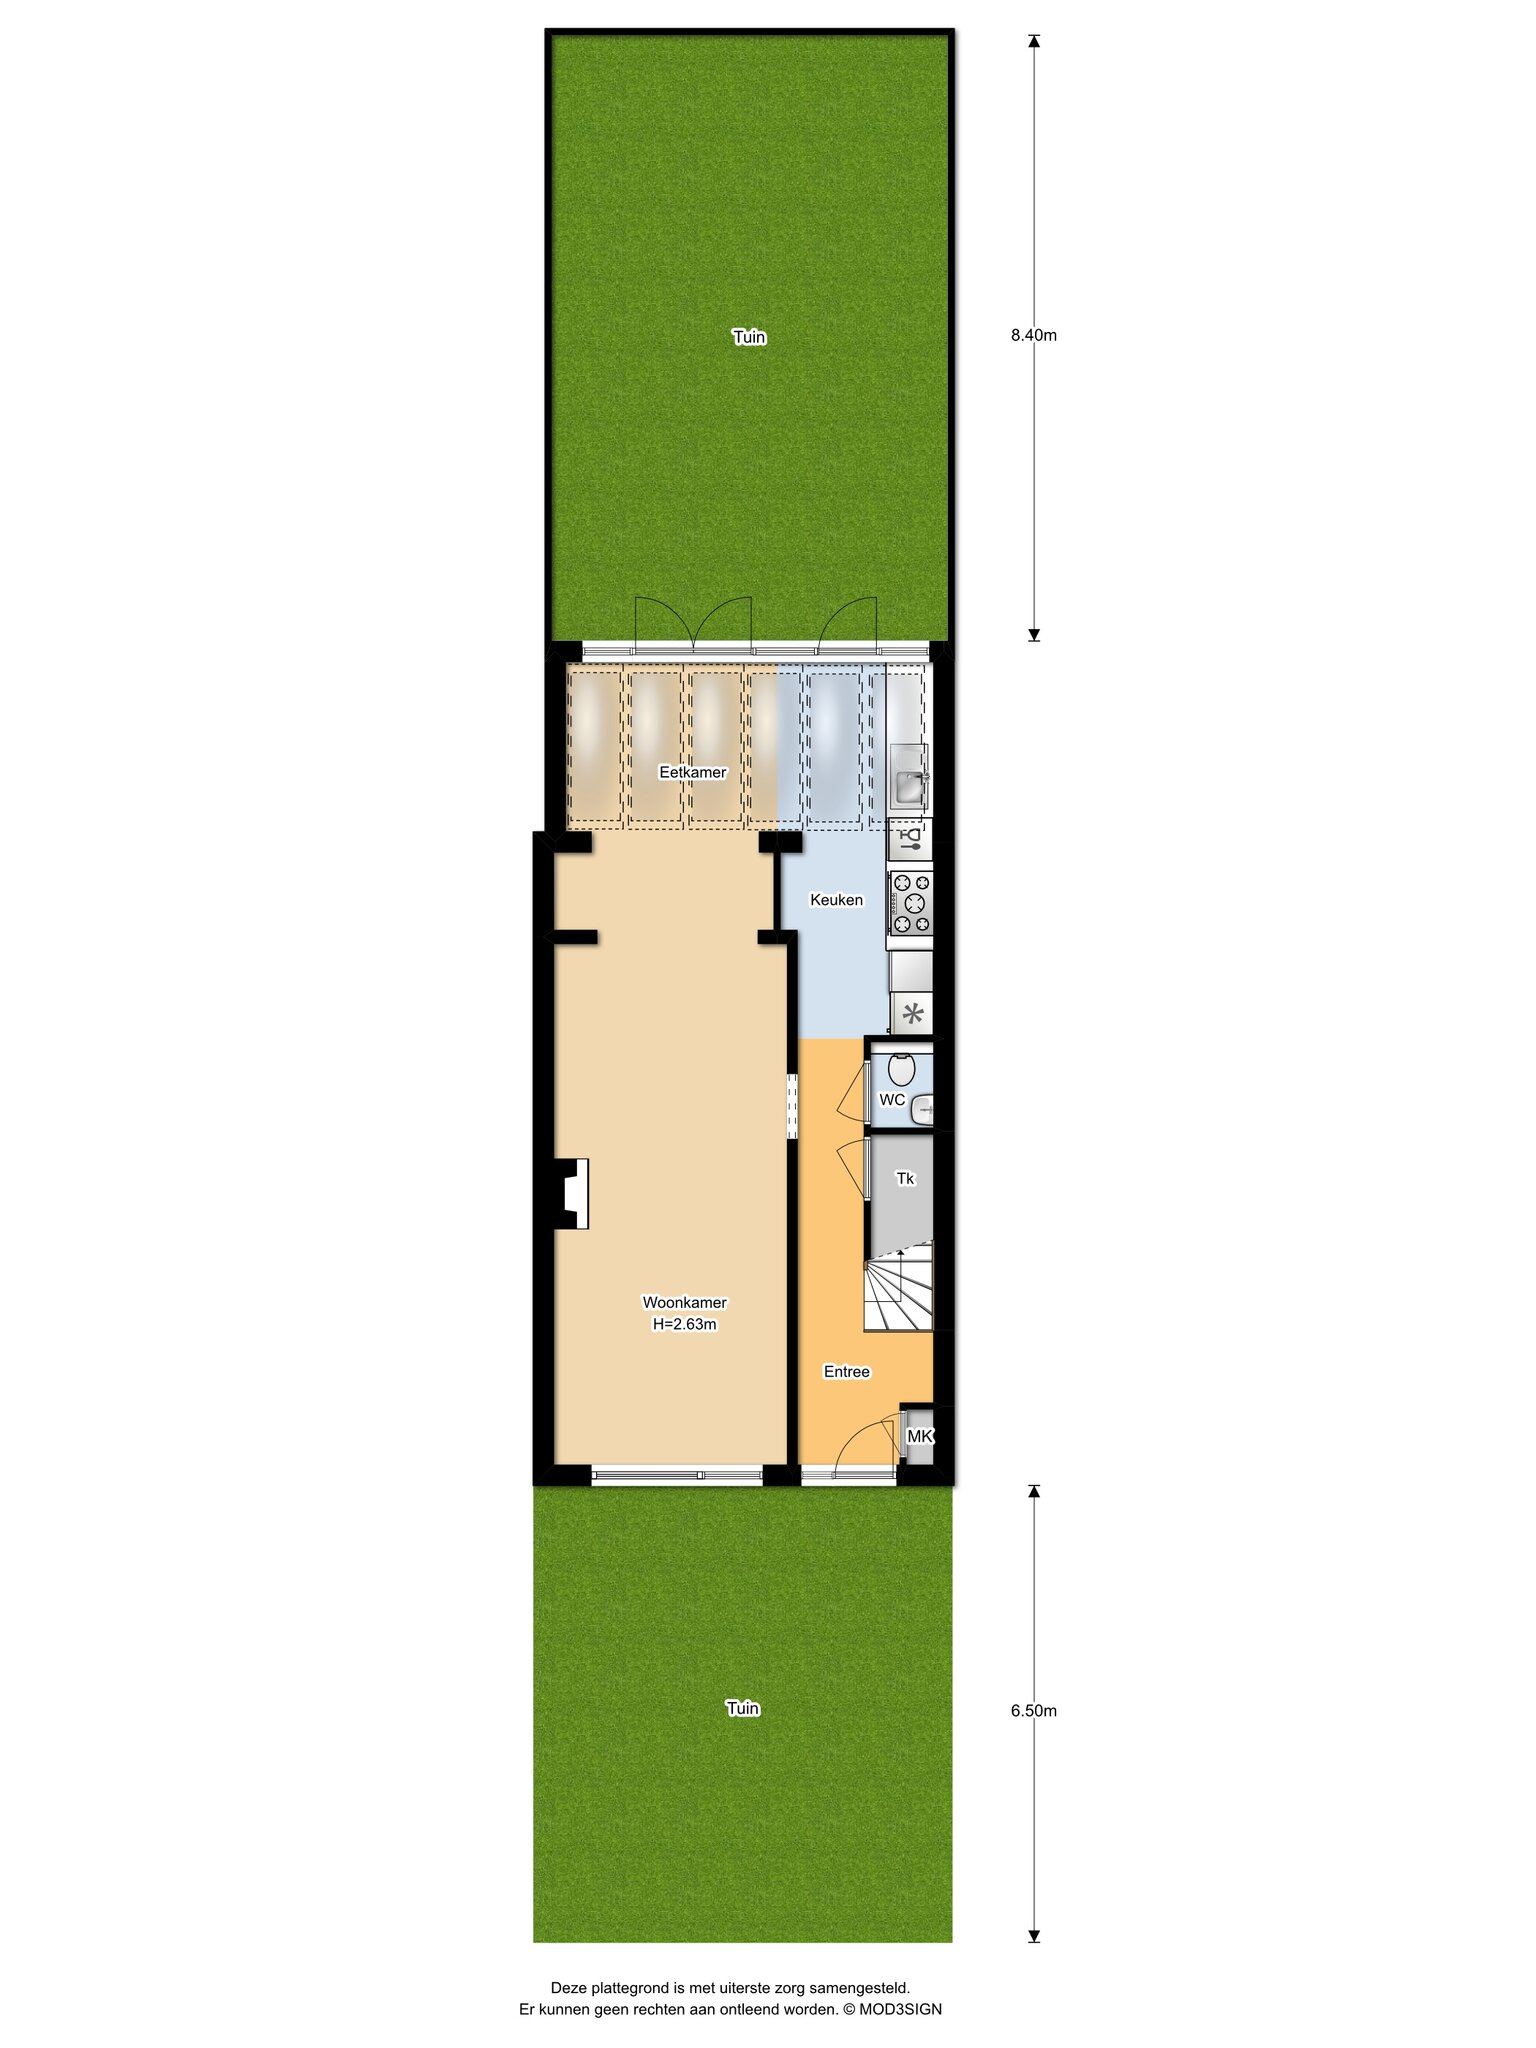 Overveen – Oranje Nassaulaan 61 – Plattegrond 5